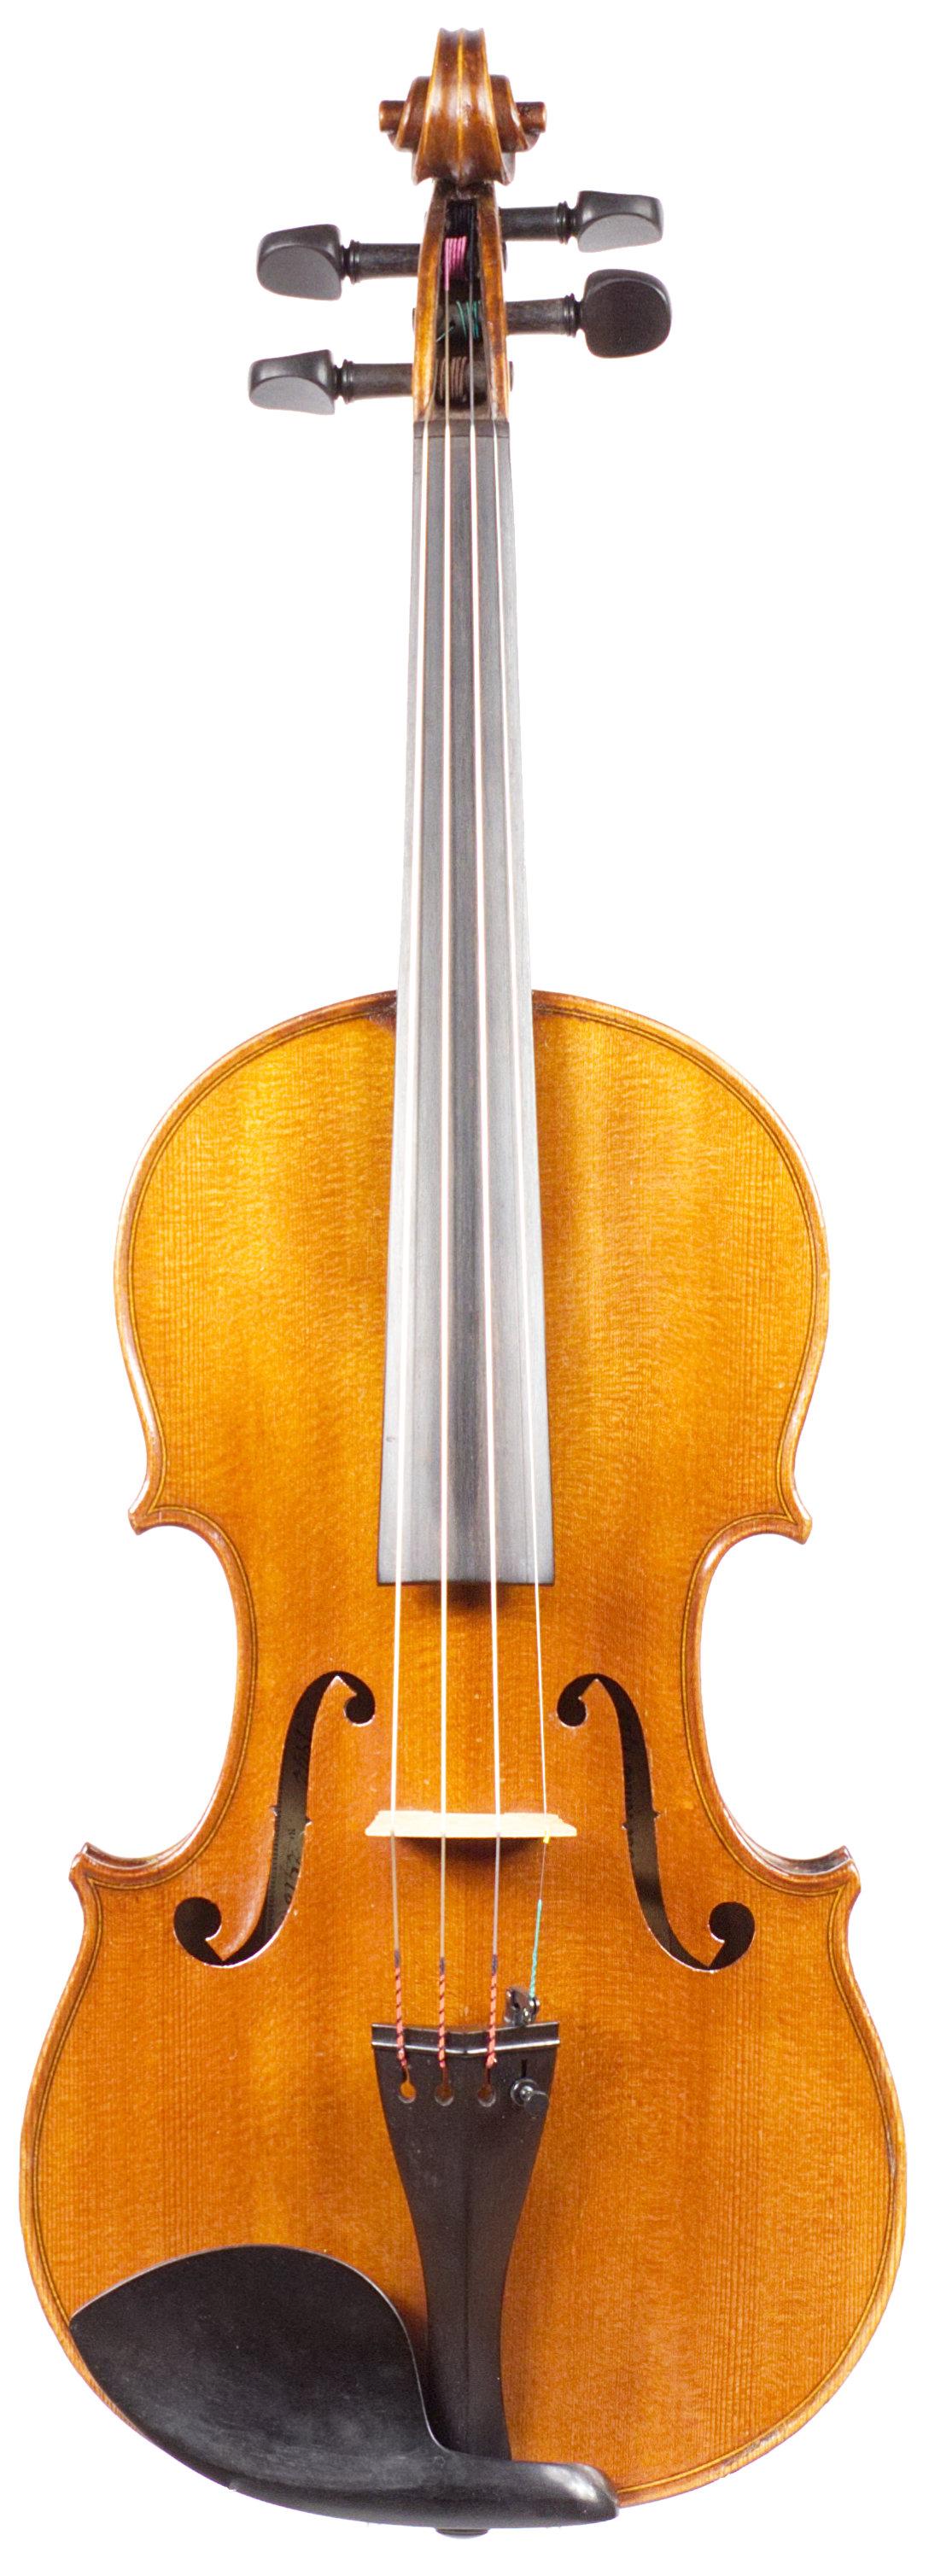 Beuscher violin